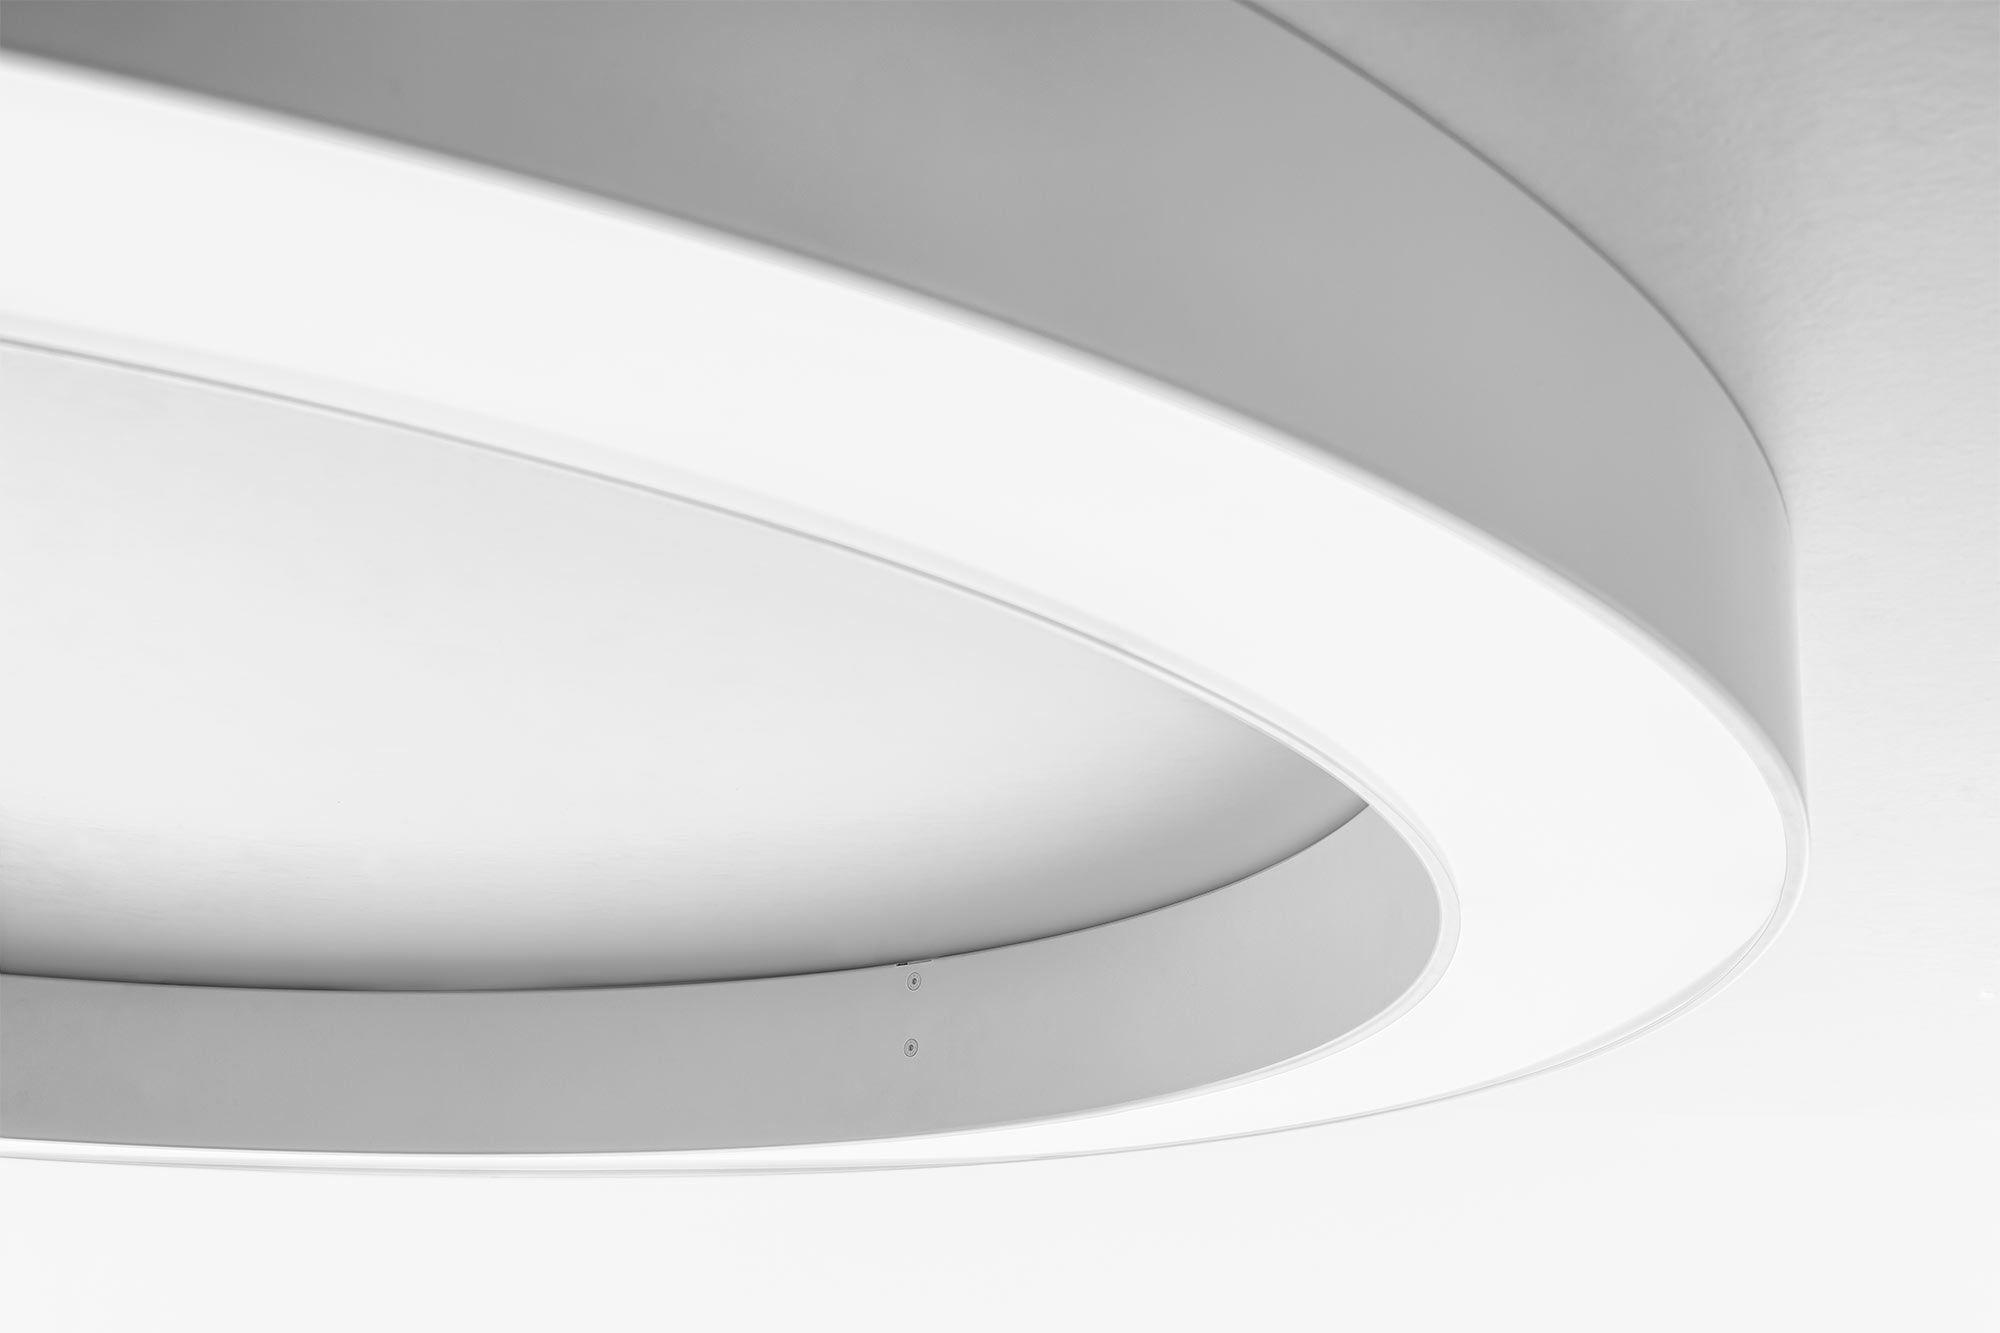 Großartig Deckenlampe Led Rund Beste Wahl Moderne Deckenleuchte / / Aus Polycarbonat /